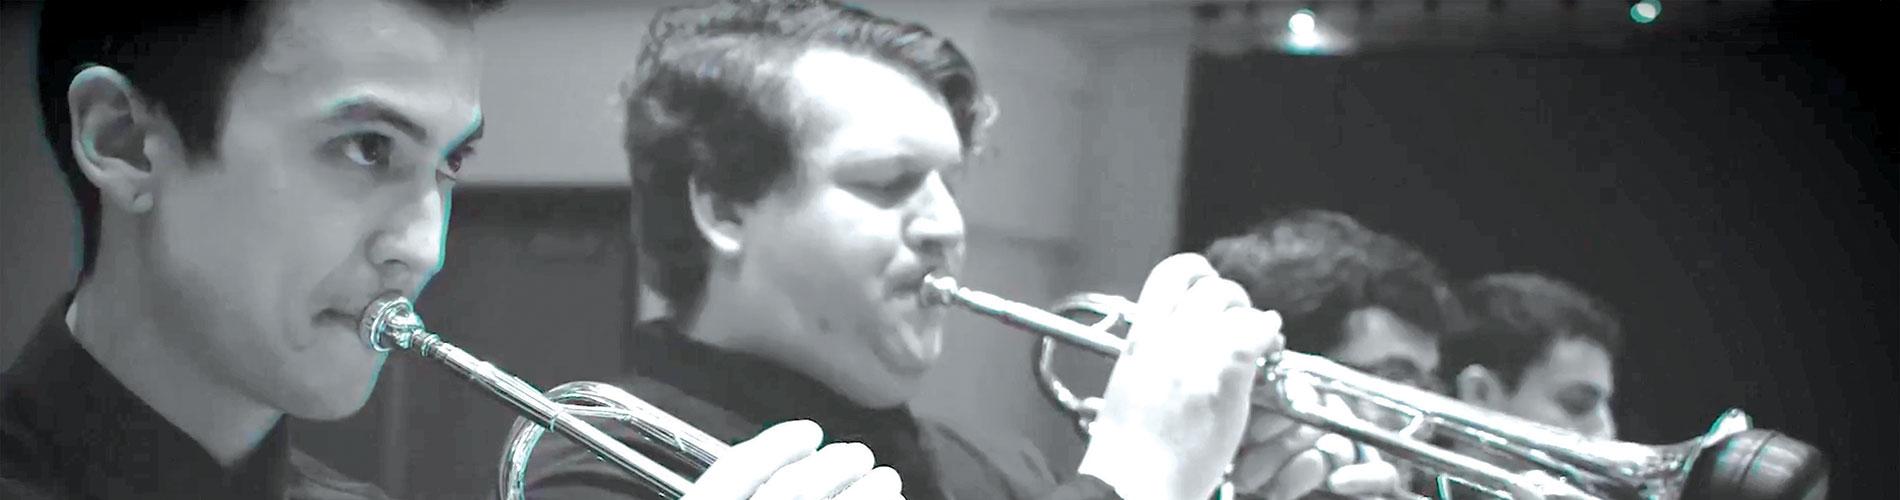 Photos of jazz horn players